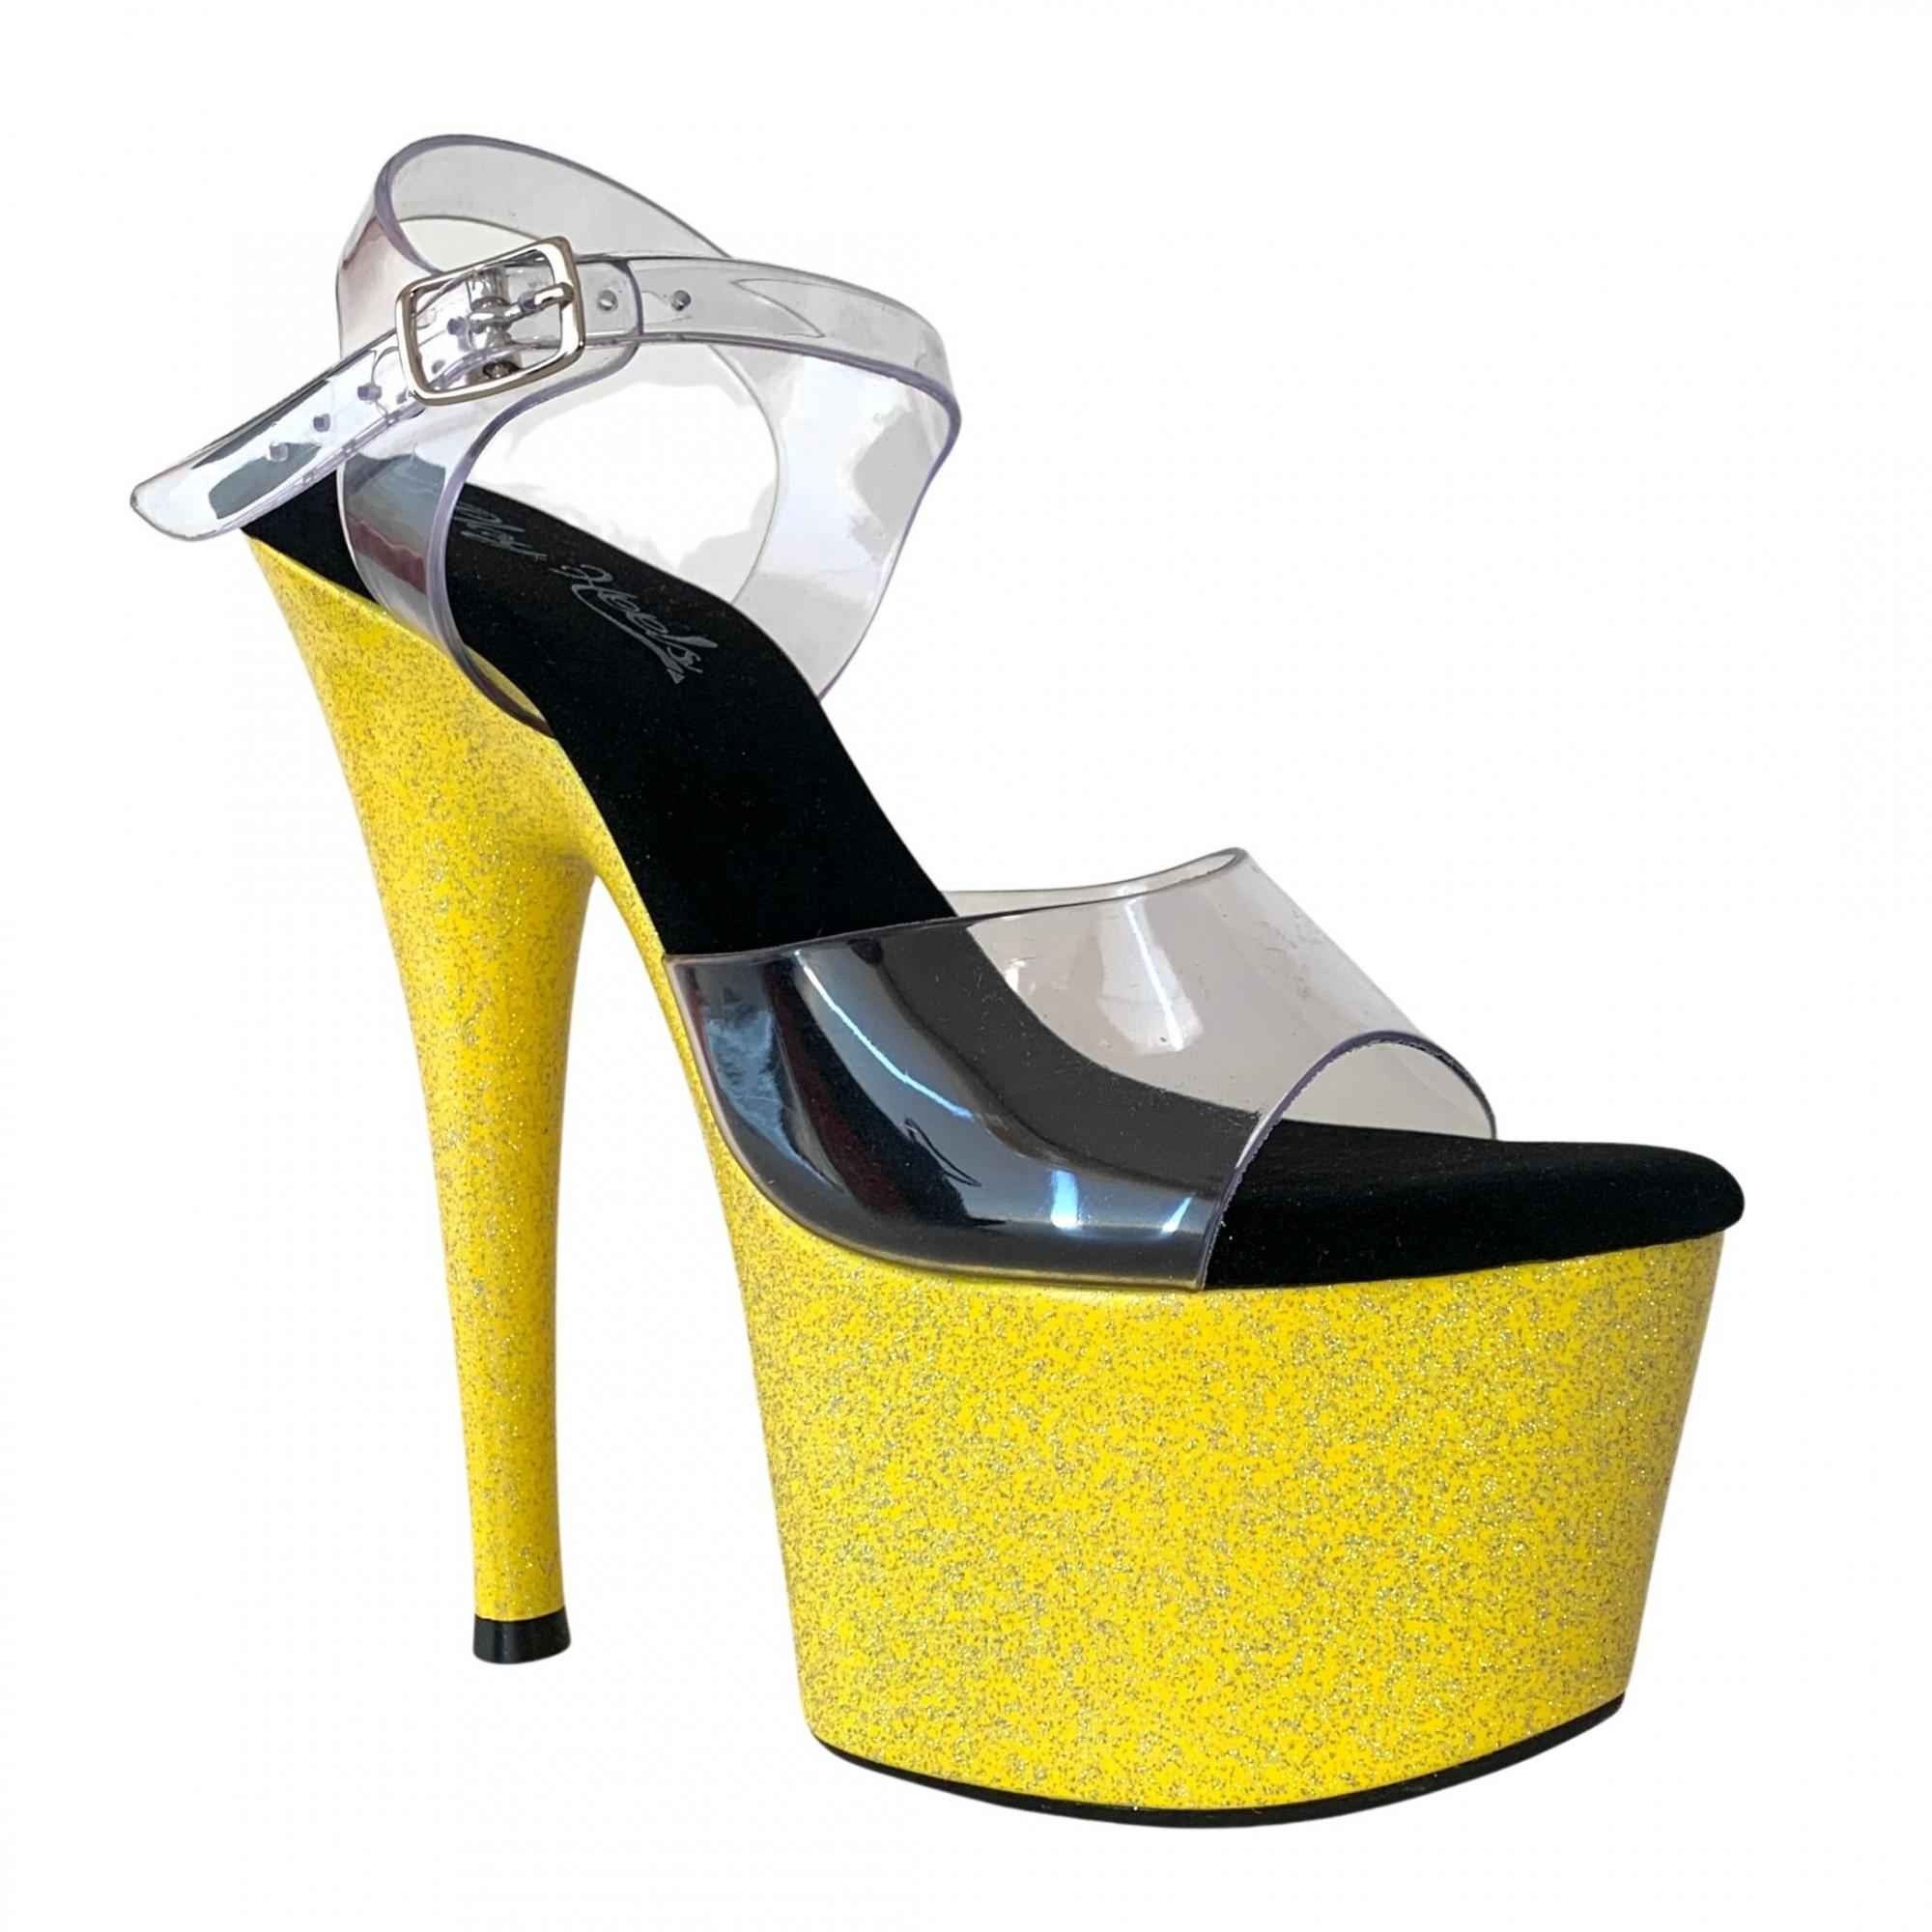 Sandália Del Diablo Glitter Amarelo NR 35-36 BR / 7US - Play Heels (pronta entrega)